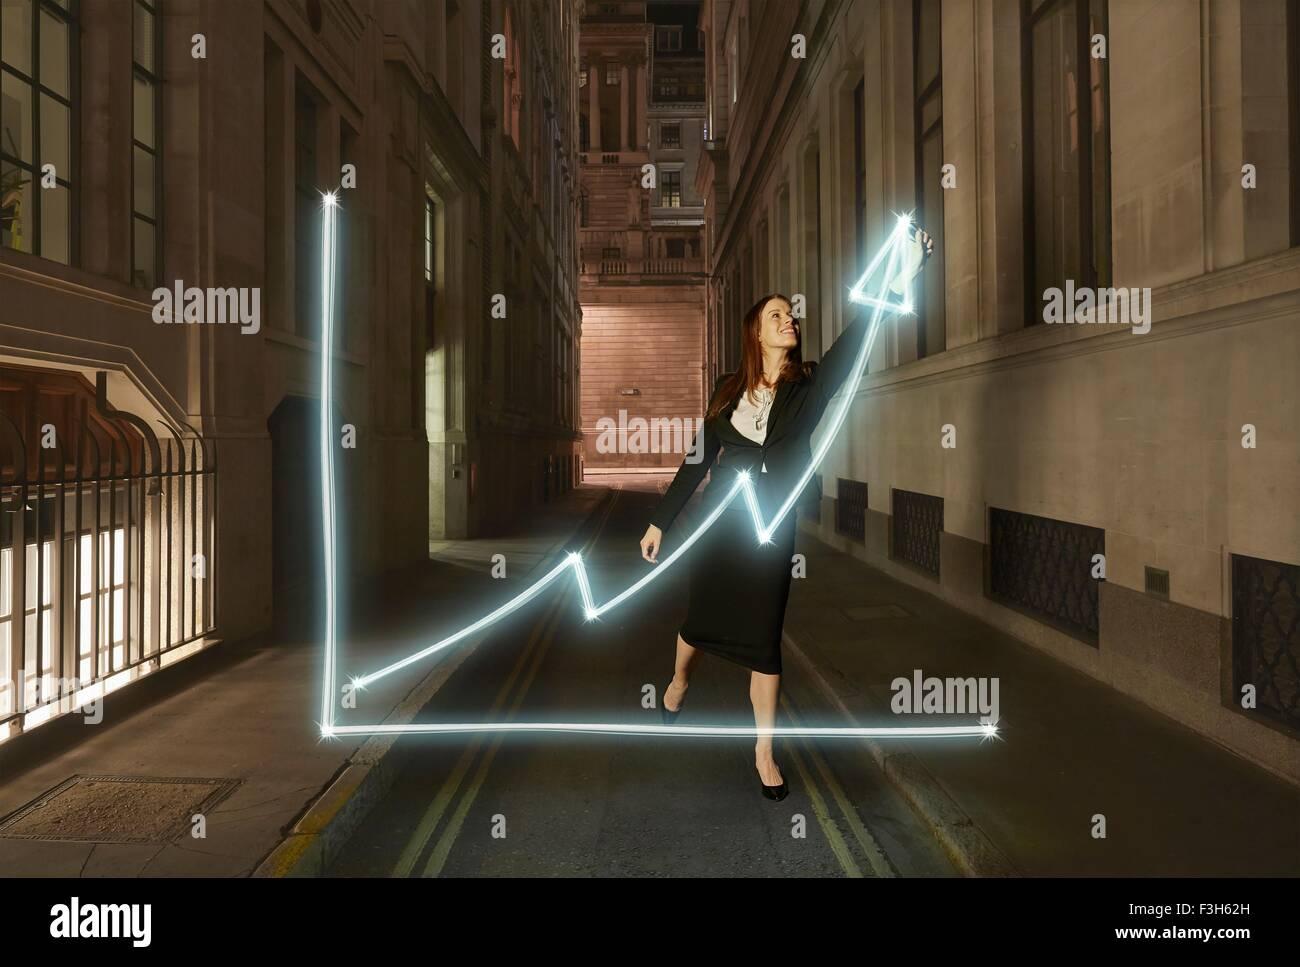 La empresaria luz brillante pintura gráfico con el símbolo de la flecha hacia arriba en la calle de la Imagen De Stock